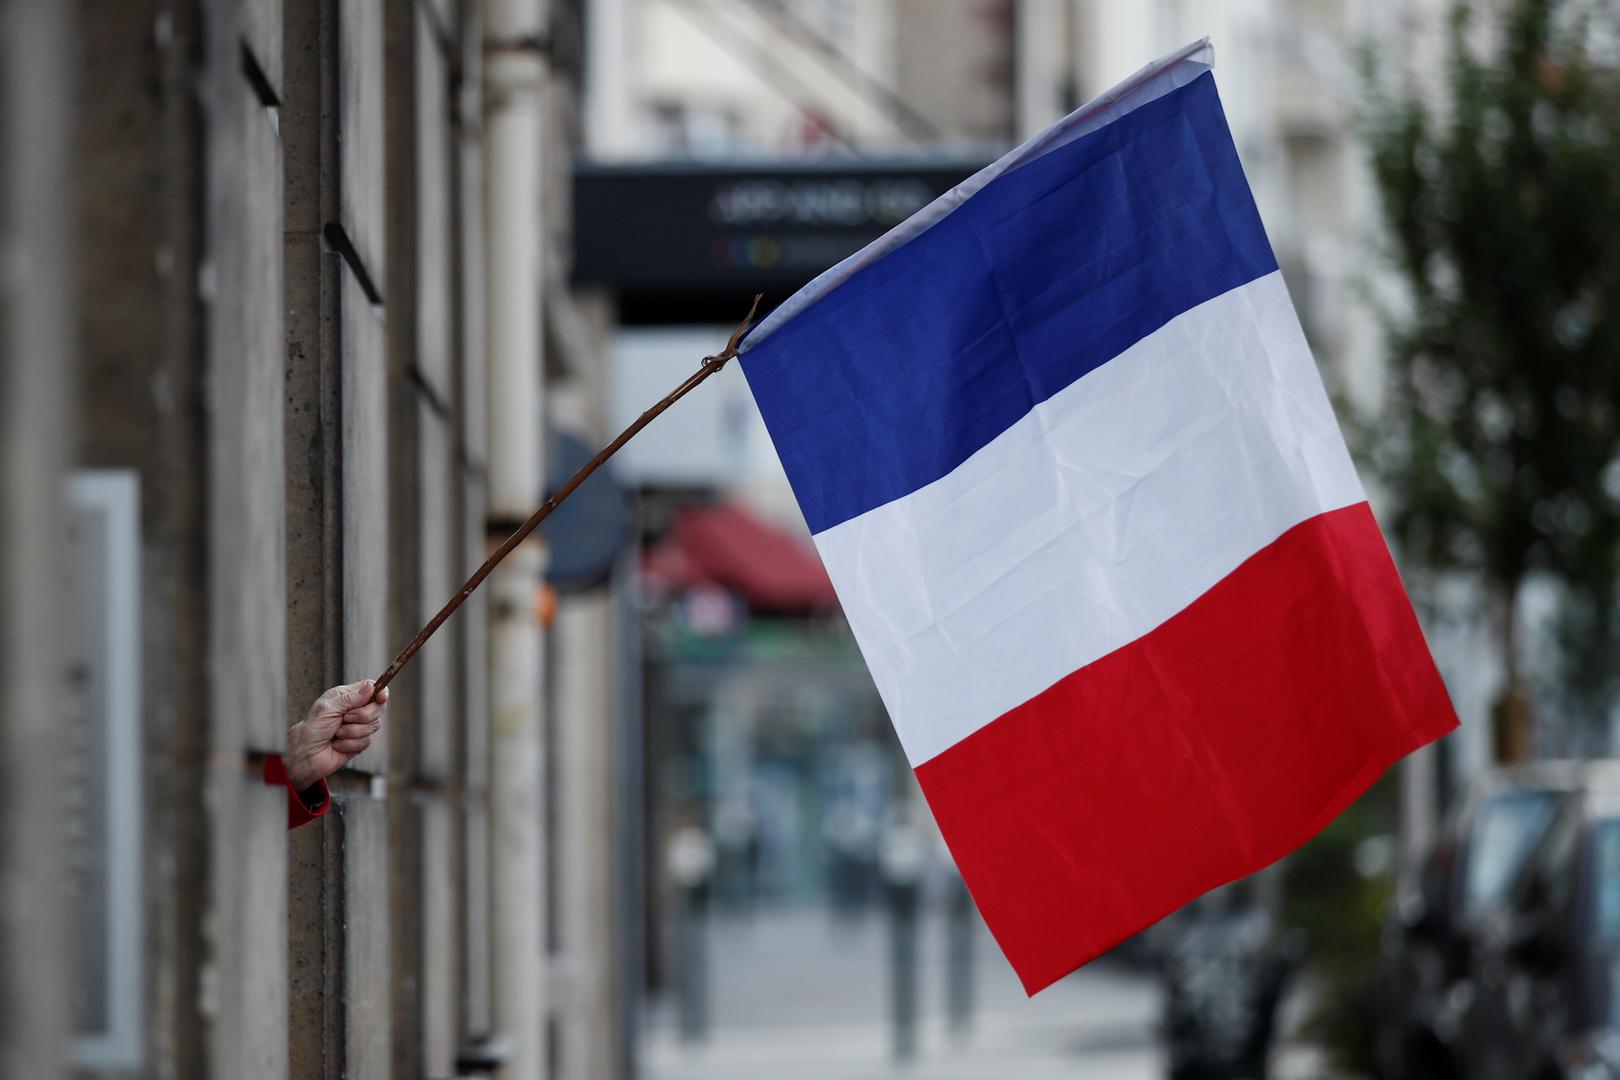 فرنسا مستعدة لمنح قرض بـ1.5 مليار دولار لتسوية متأخرات السودان لصندوق النقد الدولي